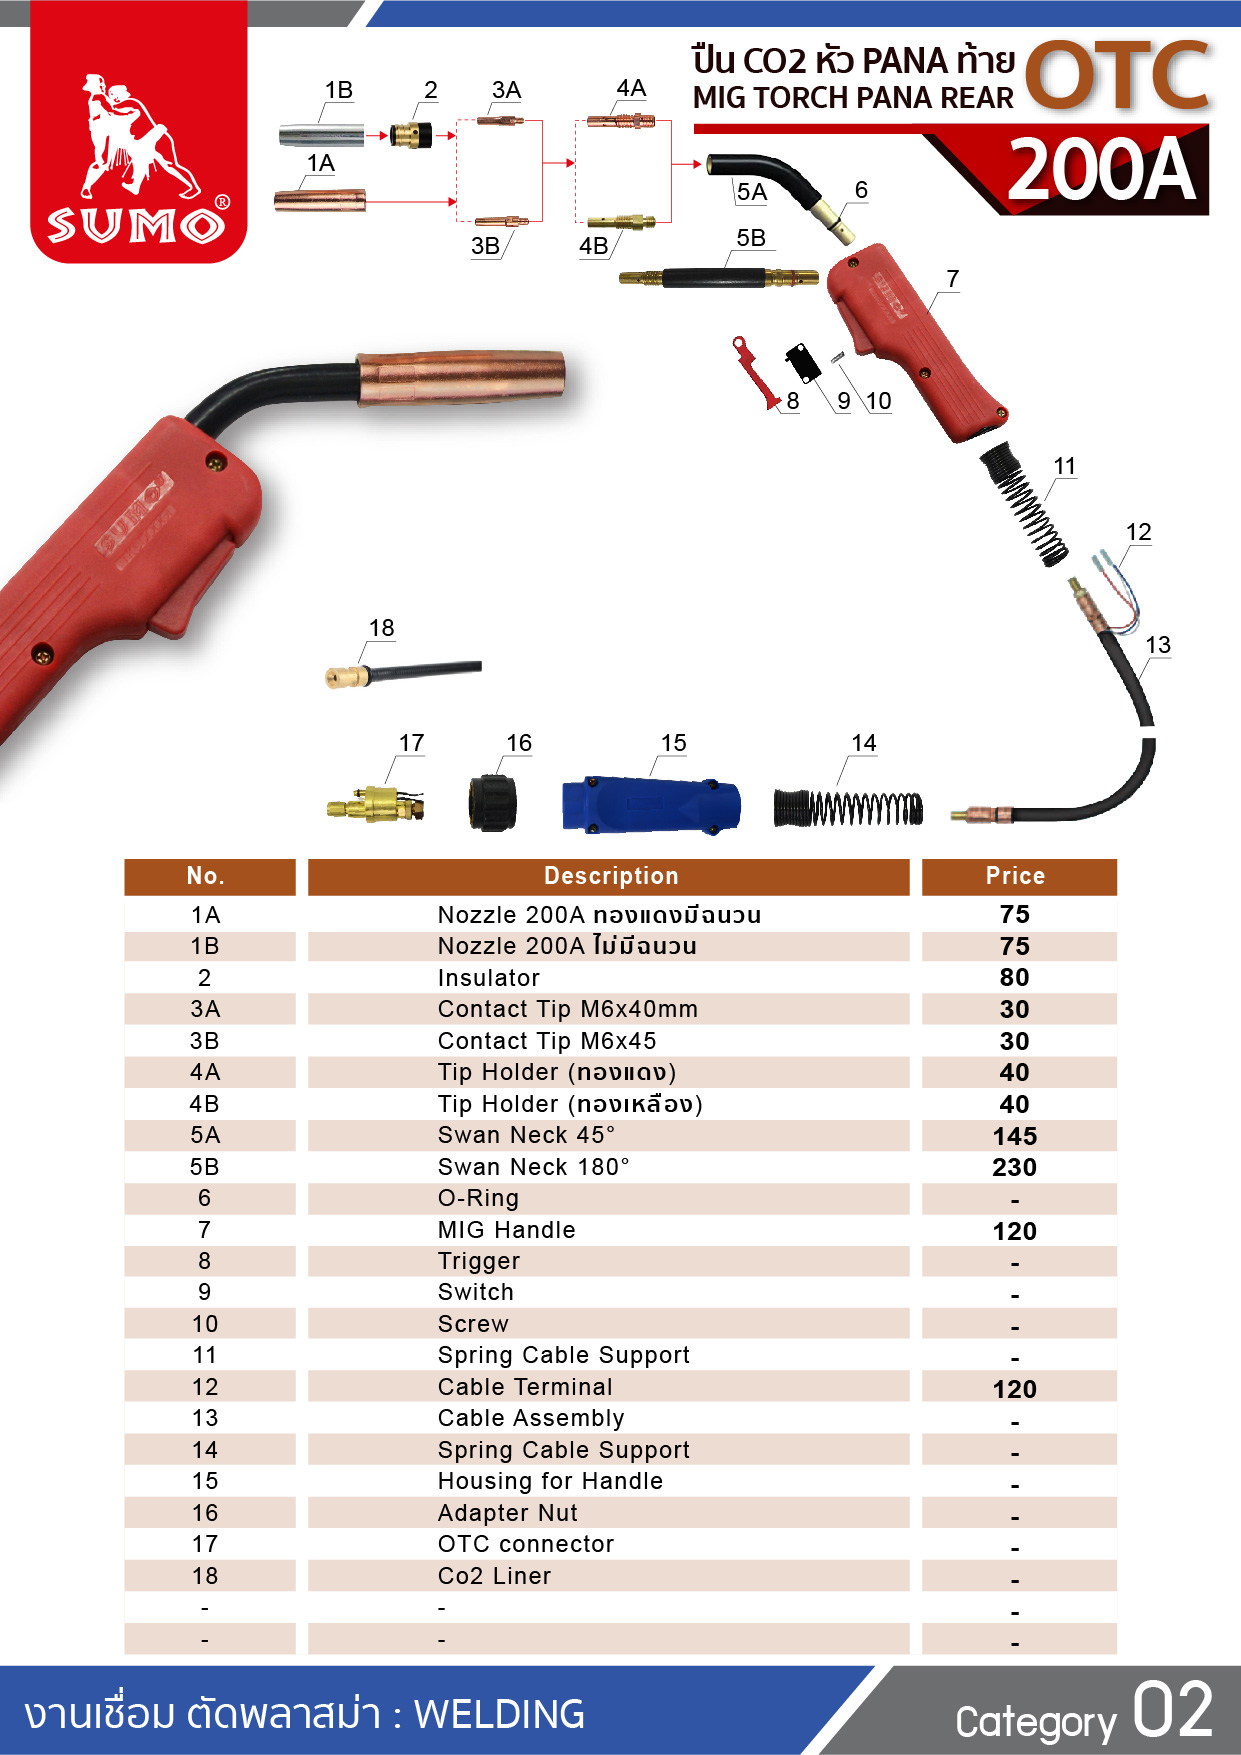 (61/277) ปืน CO2 PANA 200A OTC Tail